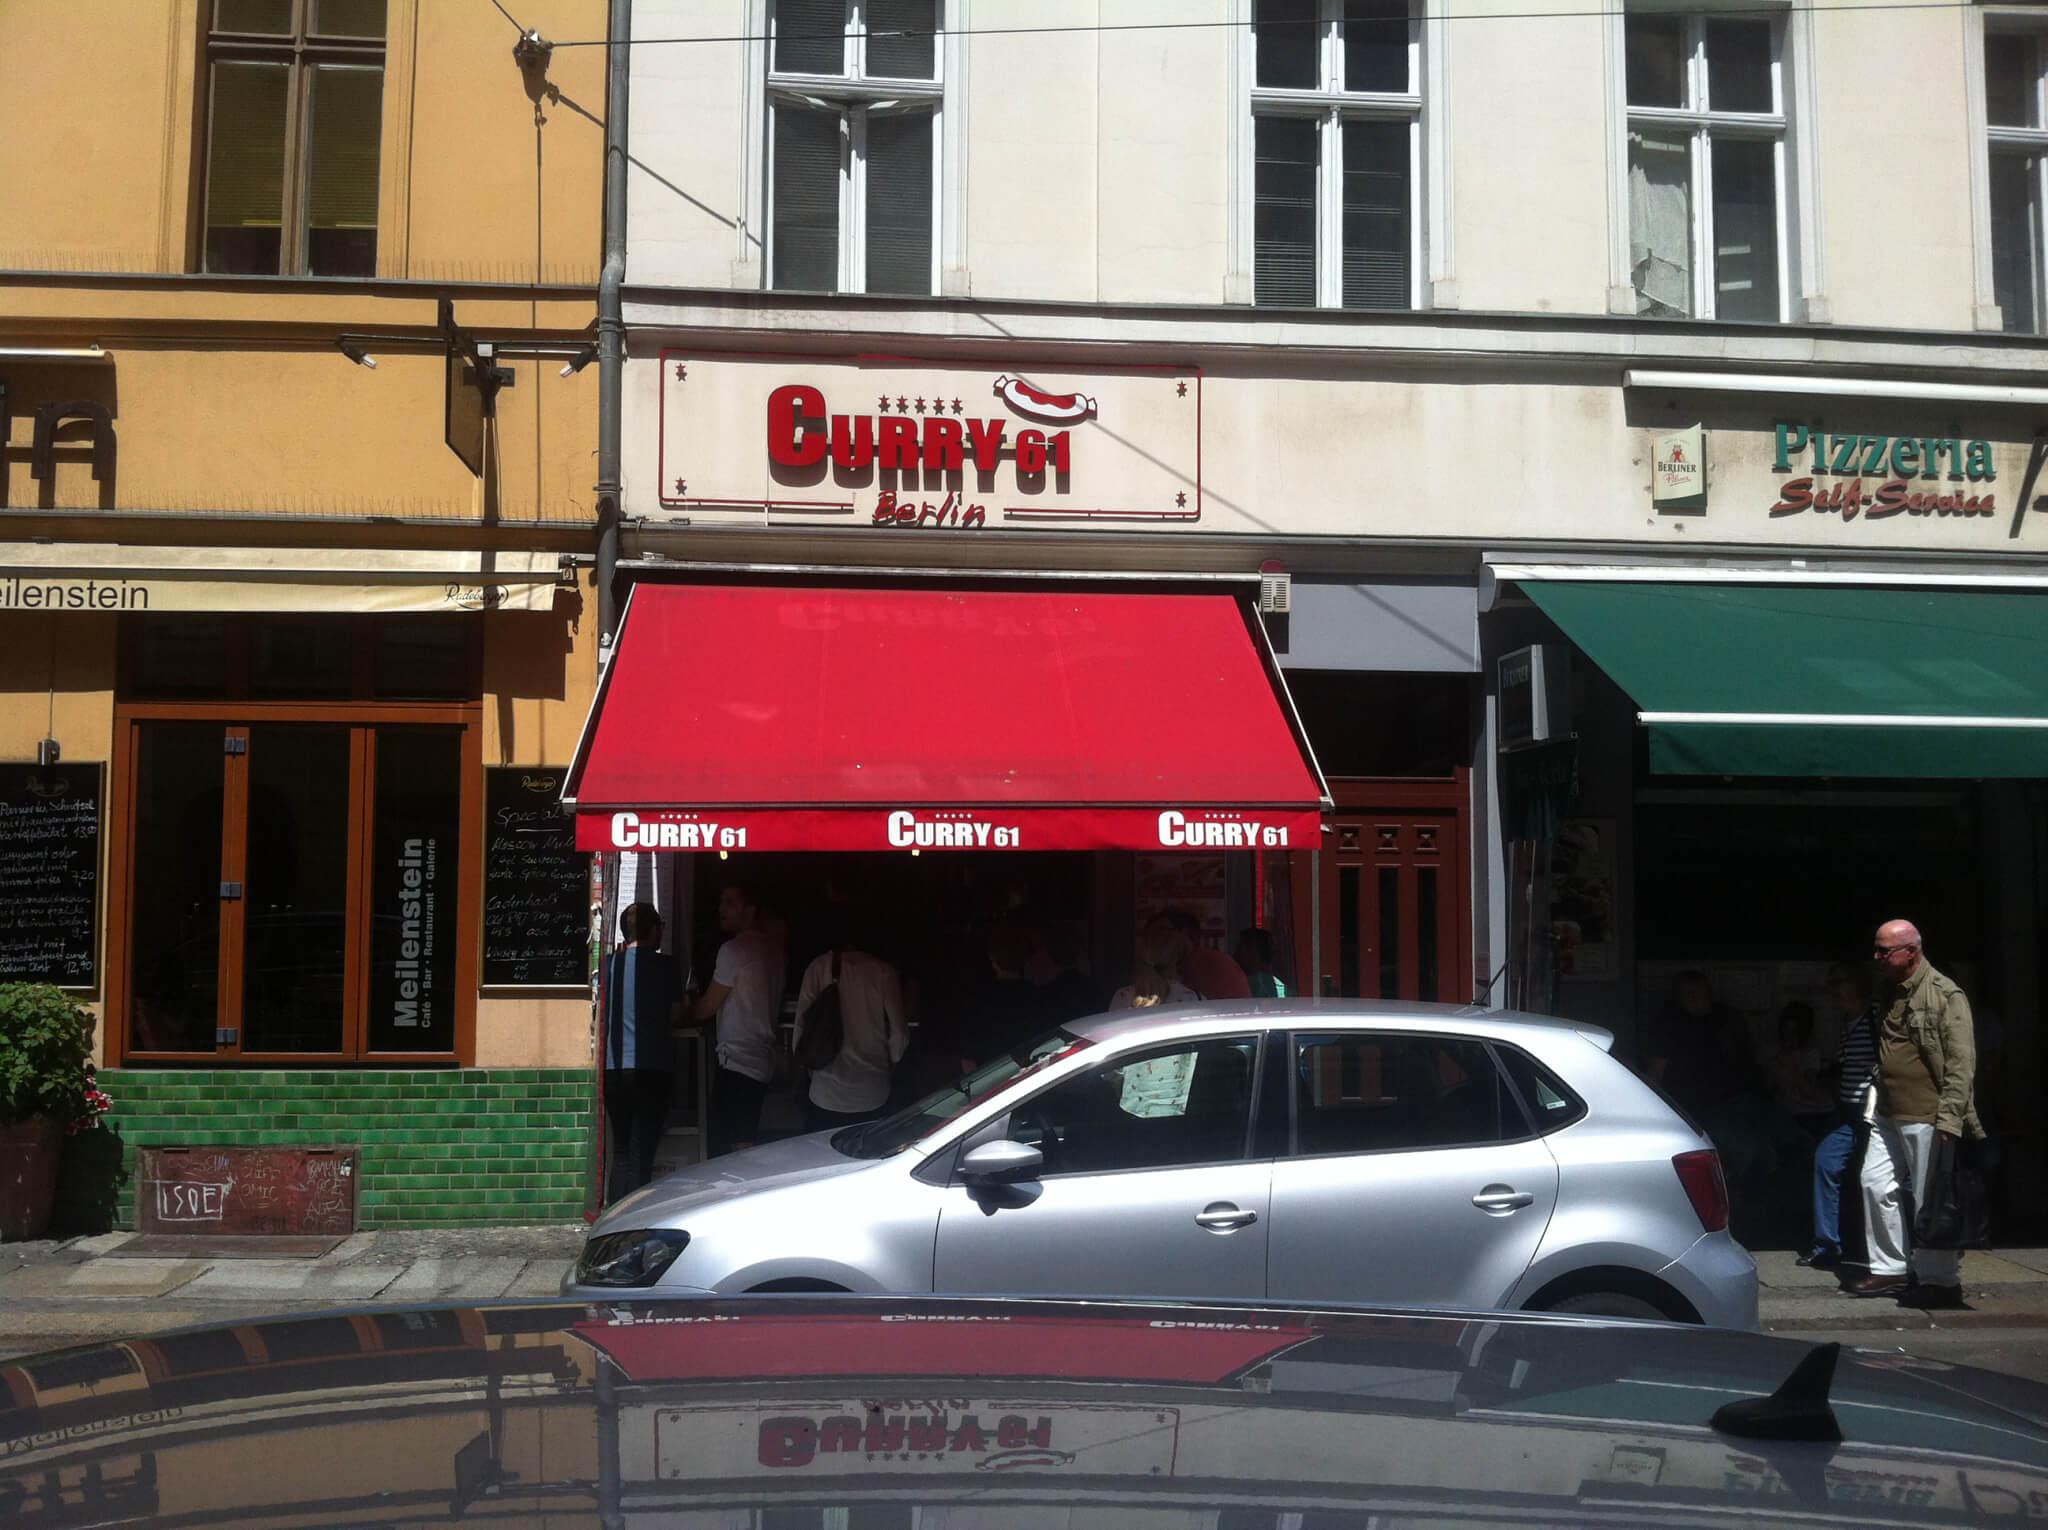 Beste Currywurst Berlin-Curry61-Straßenansicht-1